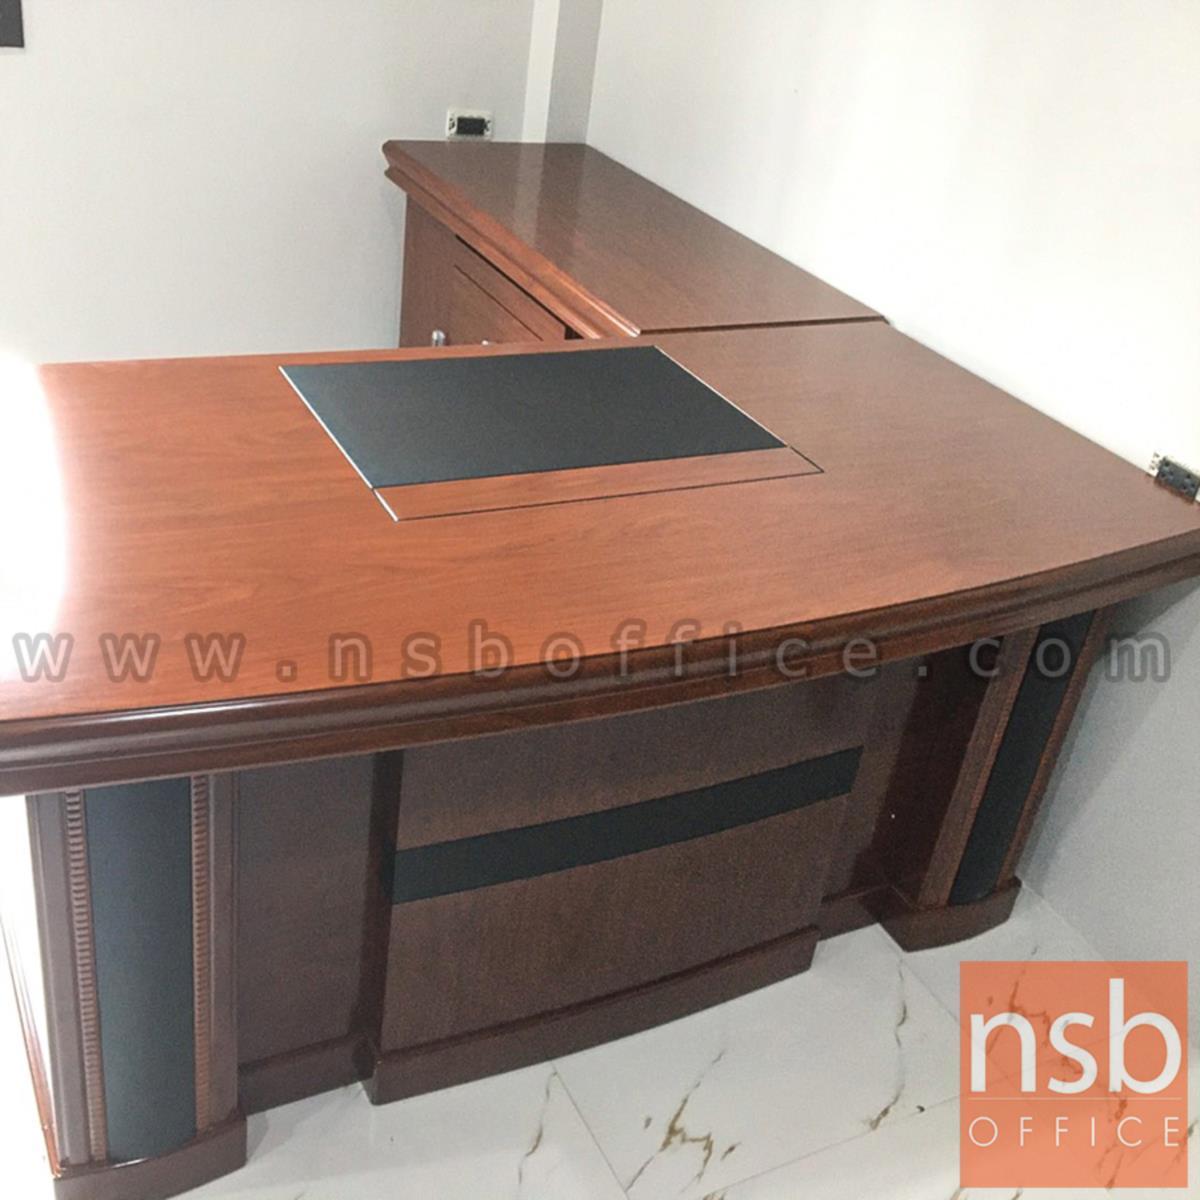 โต๊ะผู้บริหารตัวแอล รุ่น Daejeon (แดจอน) ขนาด 160,180,200 cm.